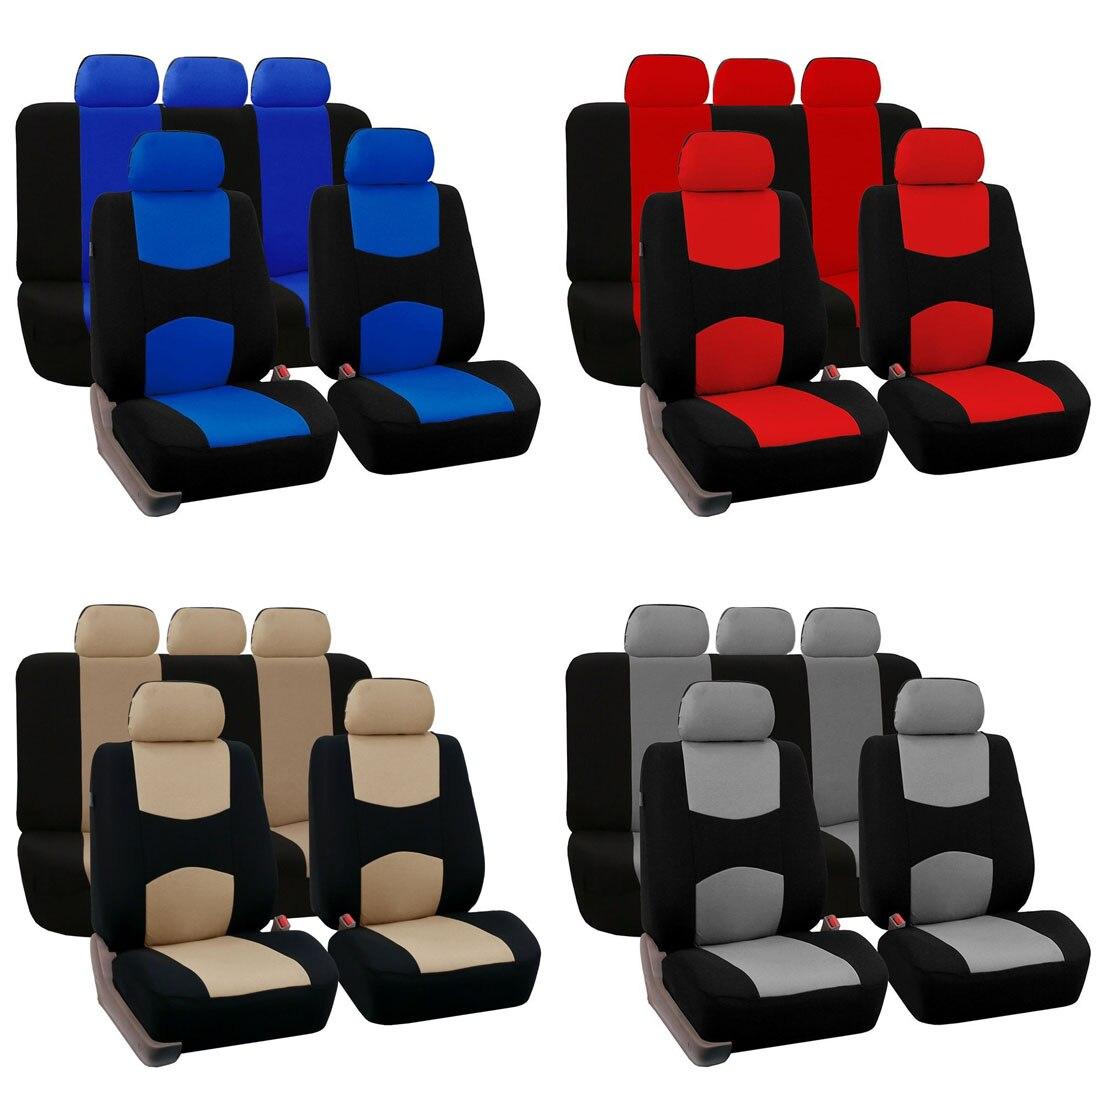 Dewtreetali 9 stücke/4 stücke Set Hinten Vorne Auto Sitzbezug Universal Autos Sitzbezüge Schutzfolie Polyester Vier Jahreszeiten